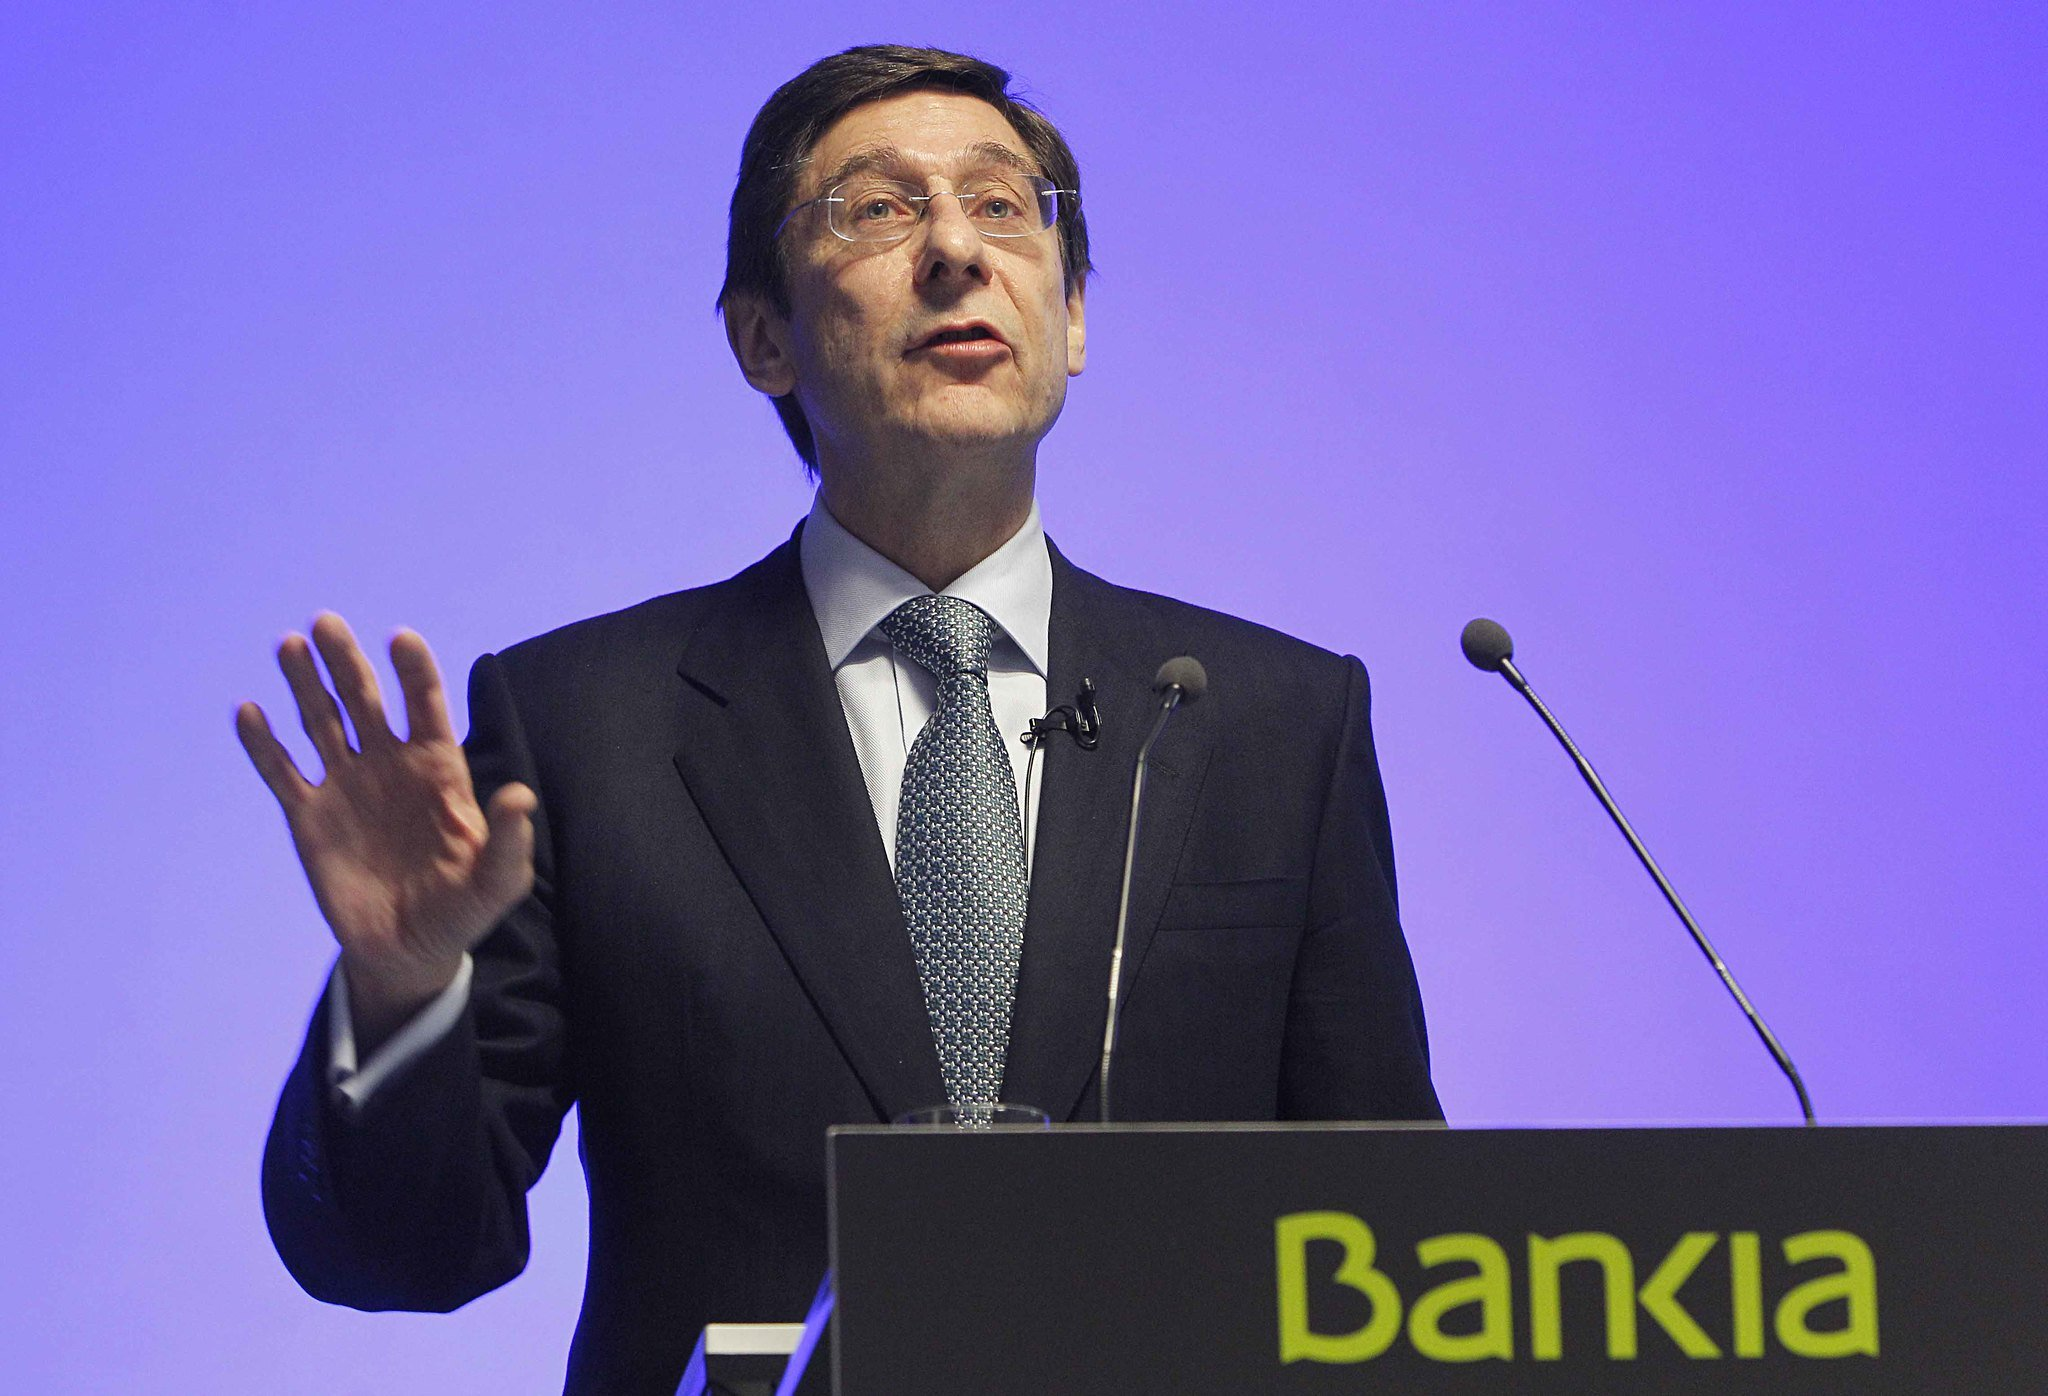 La negativa de José Ignacio Goirigolzarri ha sentado muy mal en el resto de bancos españoles